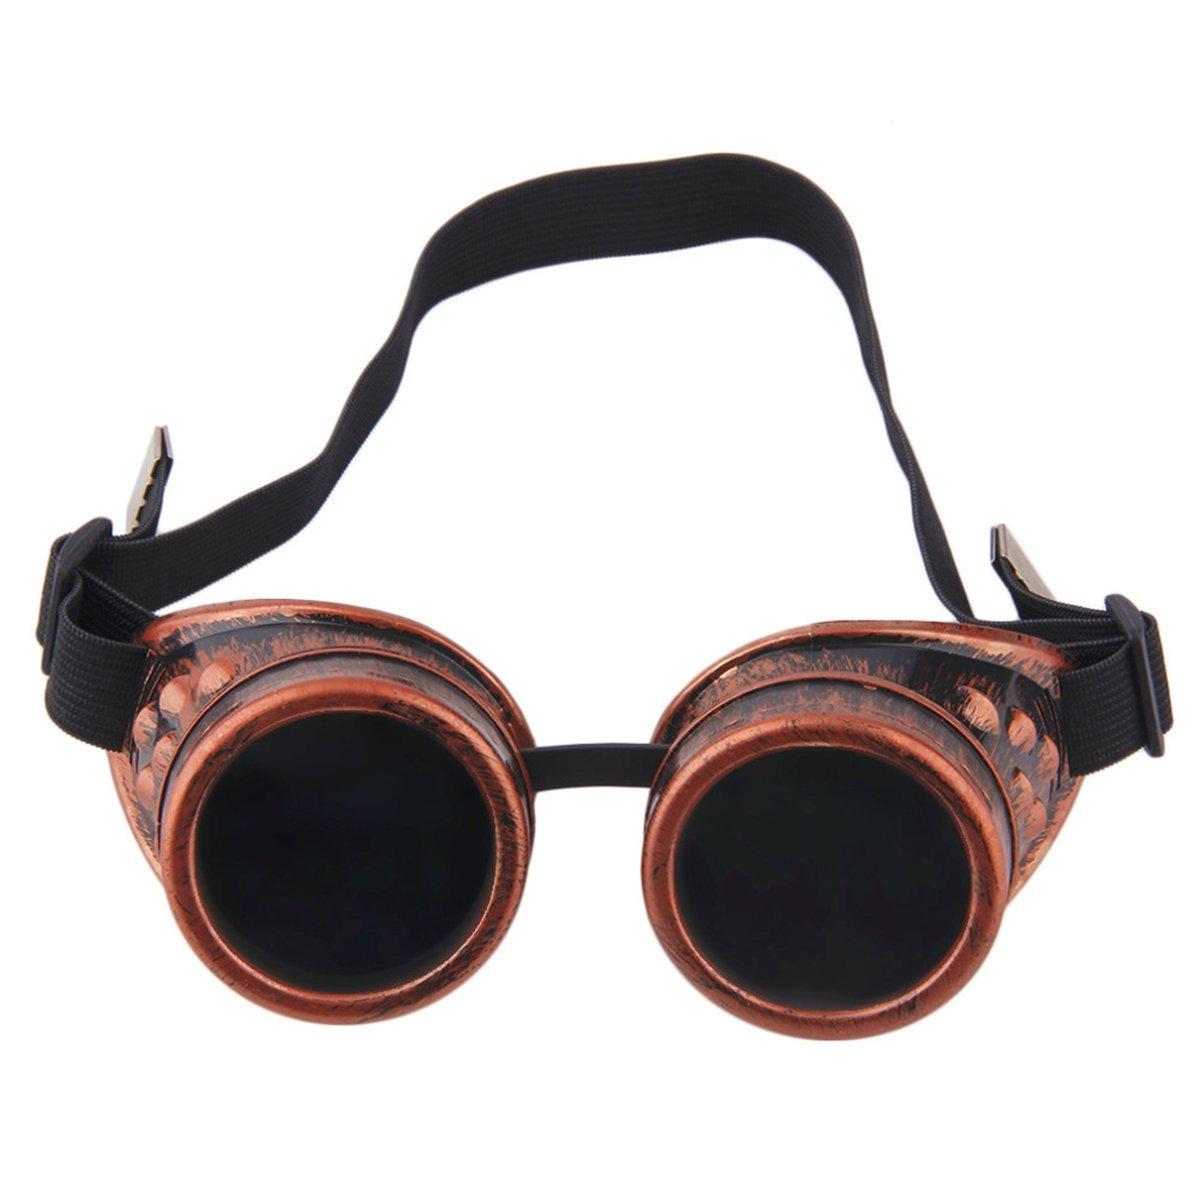 Klassische Steampunk Sonnenbrille Vintage Große Runde Gothic Nette ...